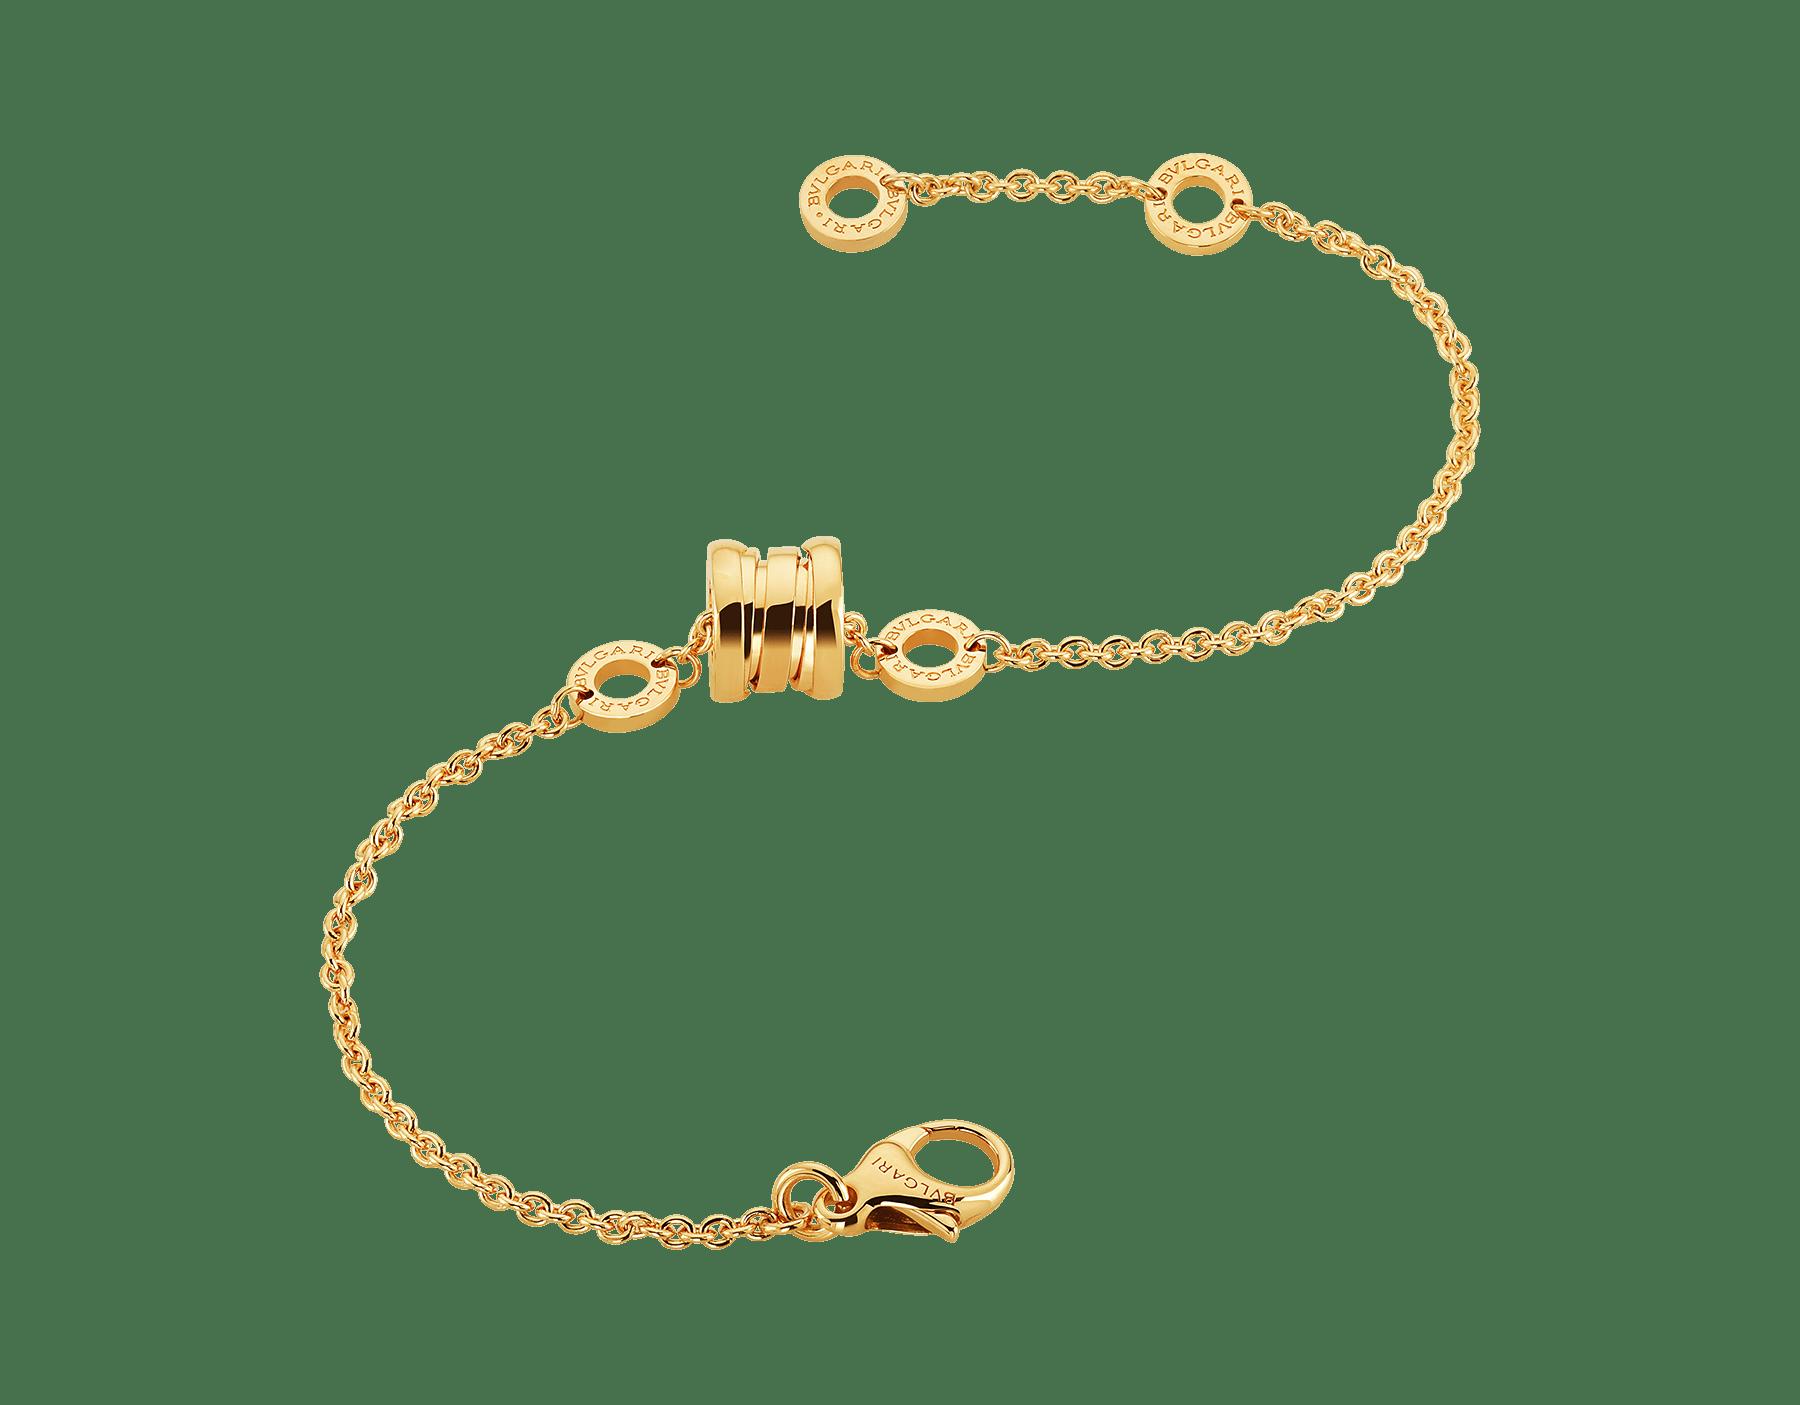 Weiches B.zero1 Armband aus 18 Karat Gelbgold. BR853667 image 2